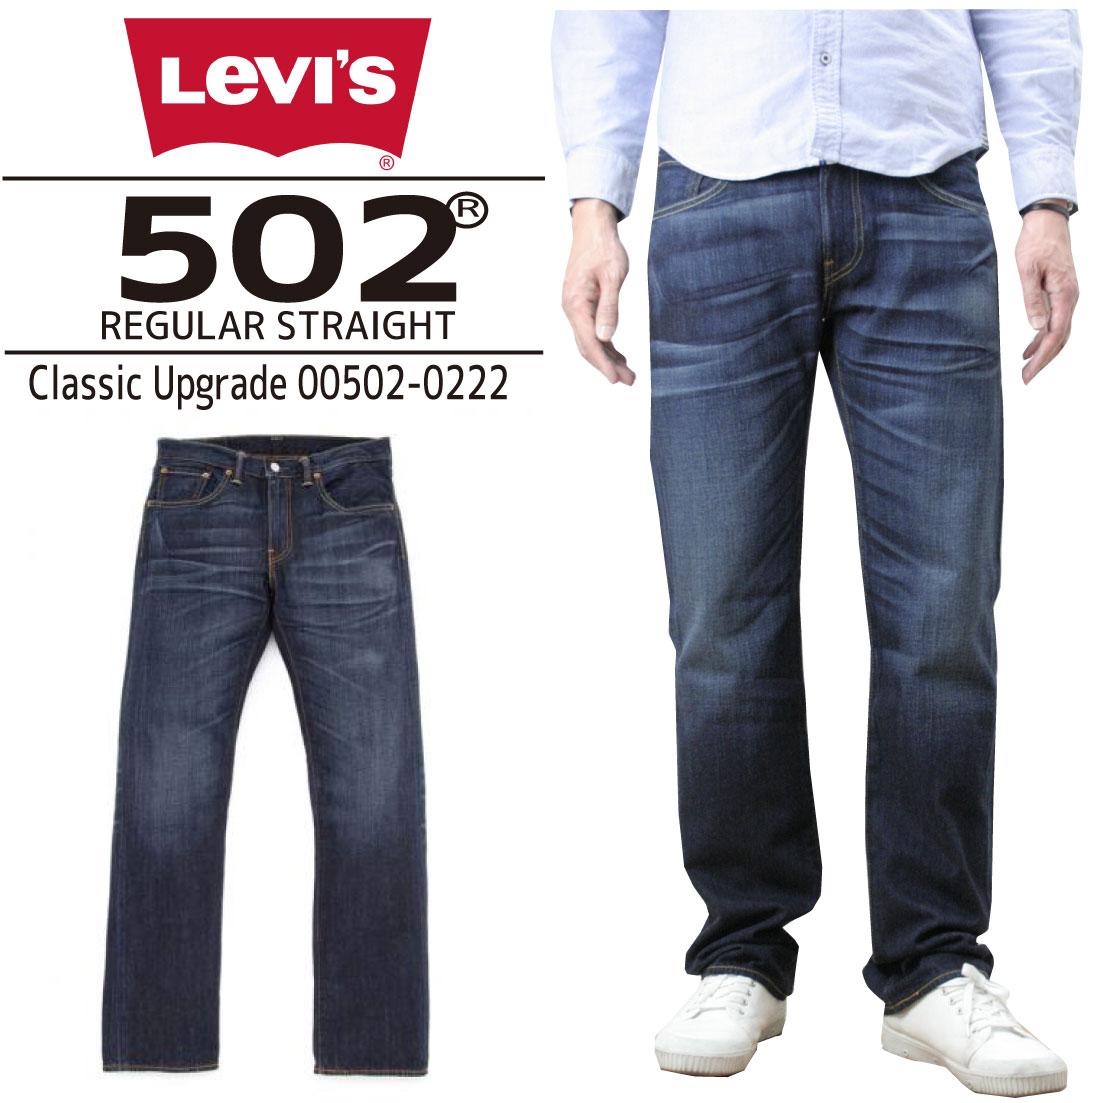 Levi's LEVI'S リーバイス 502 デニム レギュラー フィット ストレート ジーンズ 00502-0222 ダークヴィンテージ 13OZ メンズ